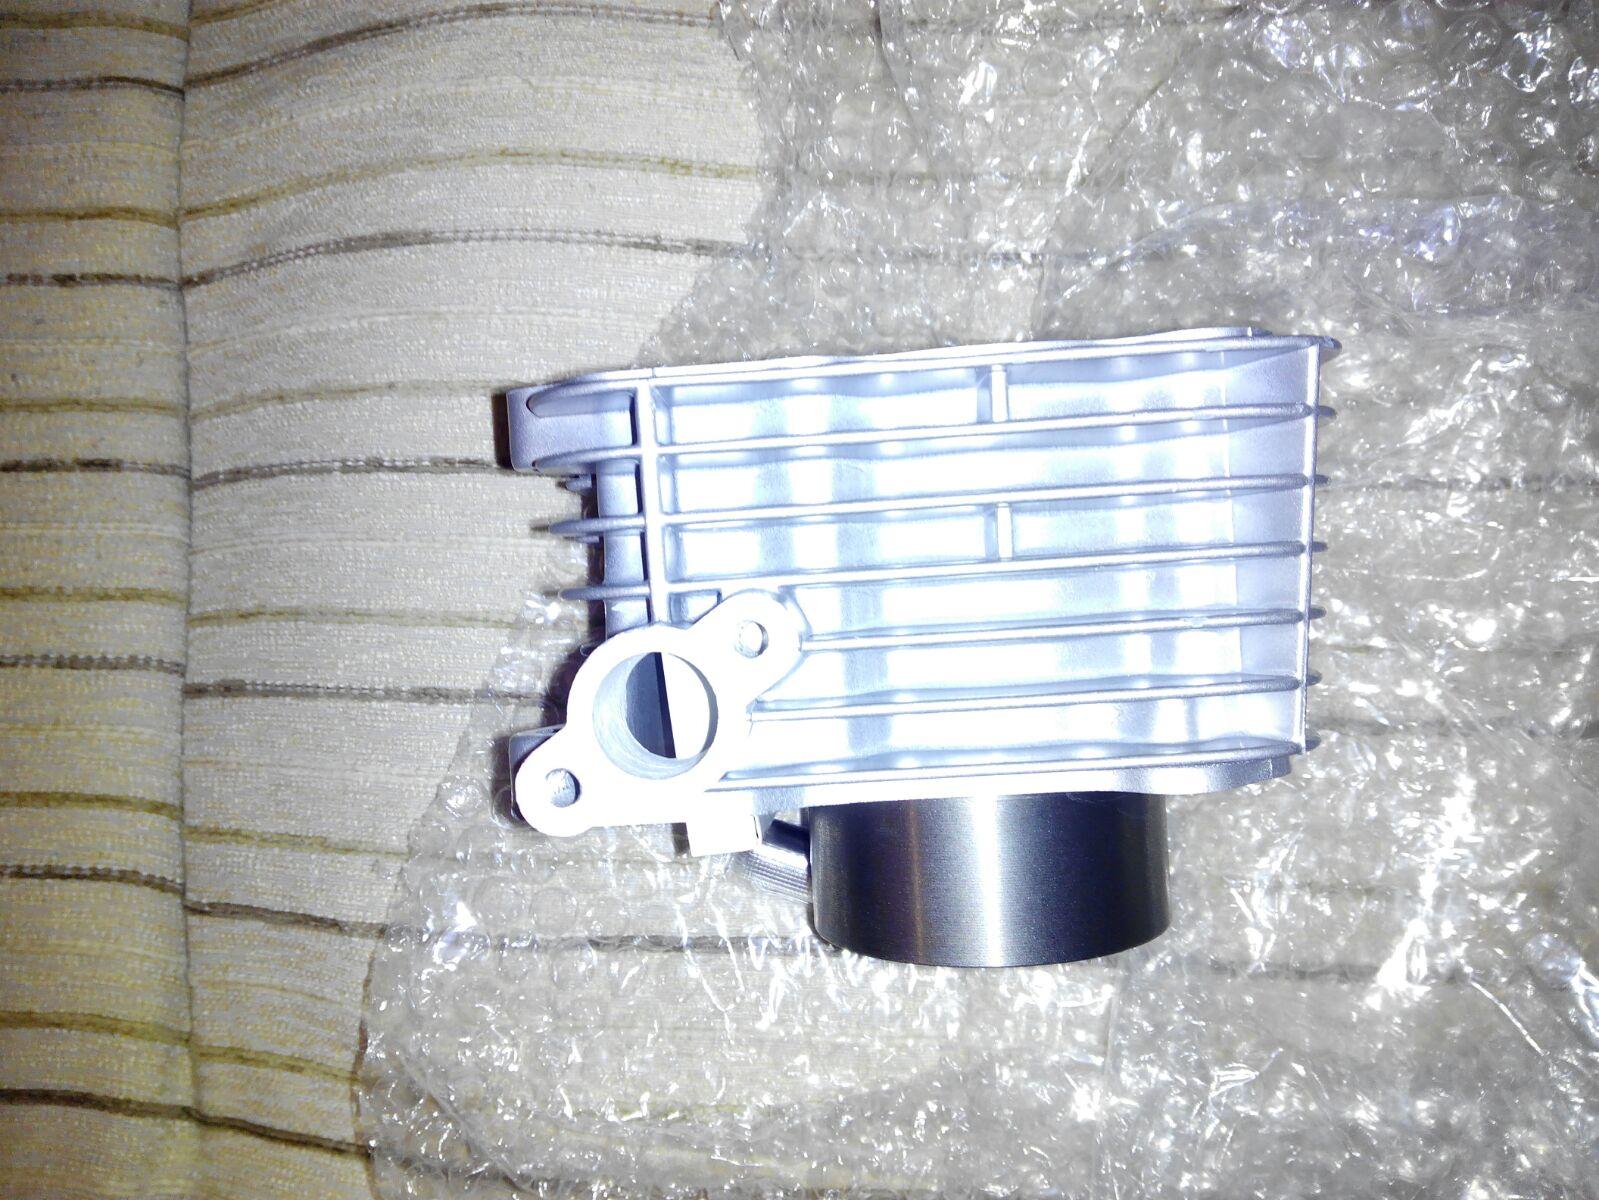 Cilindro 150 en RKV 125 - Página 2 Dfa6py